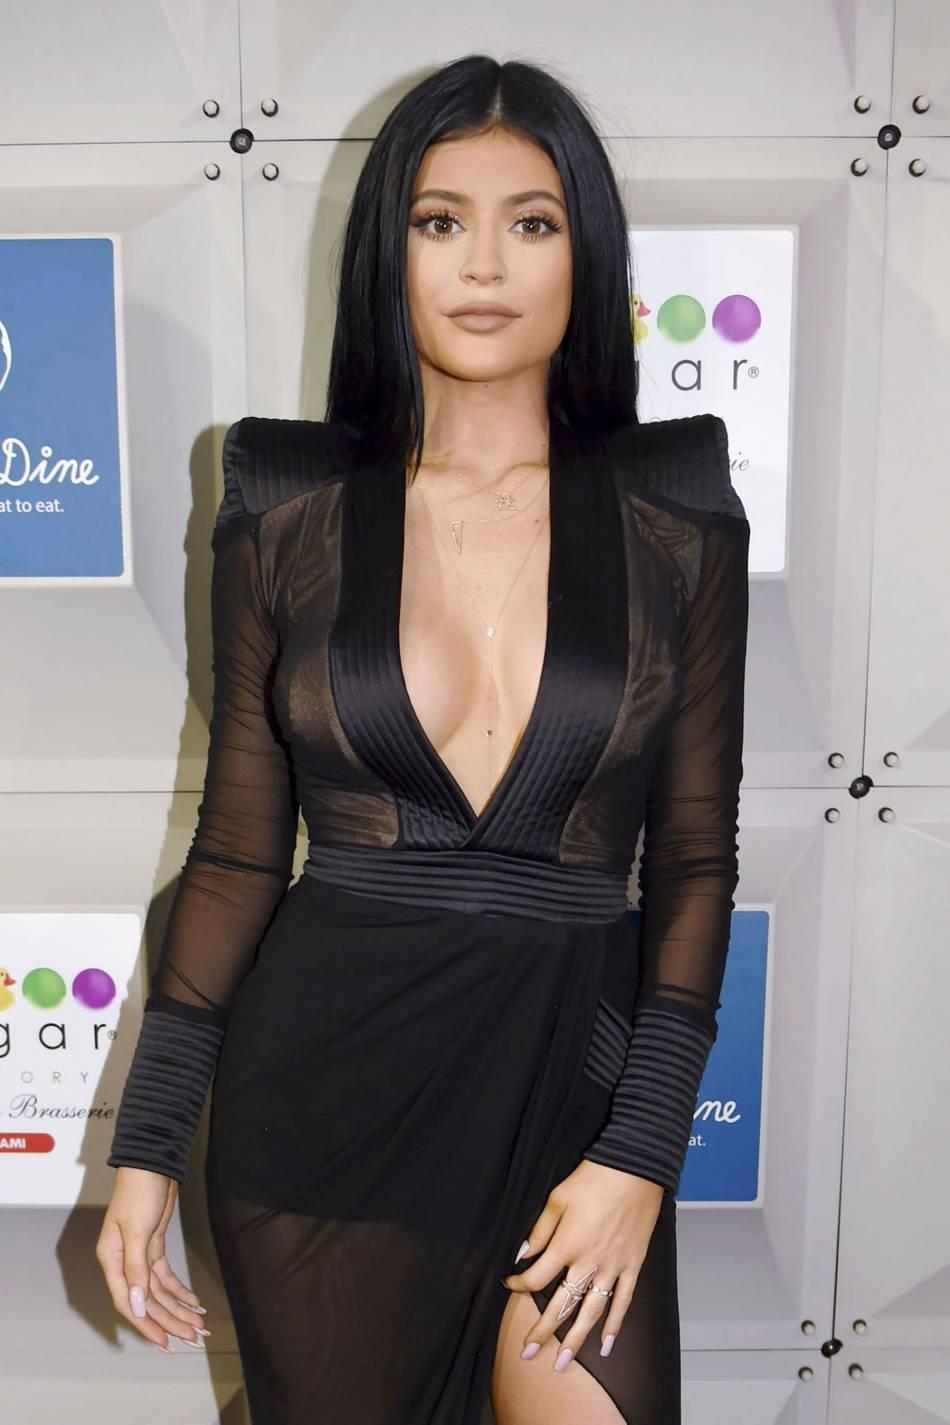 Kylie Jenner fait une nouvelle fois grimper les températures avec une vidéo ultra sexy diffusée sur son compte Instagram.